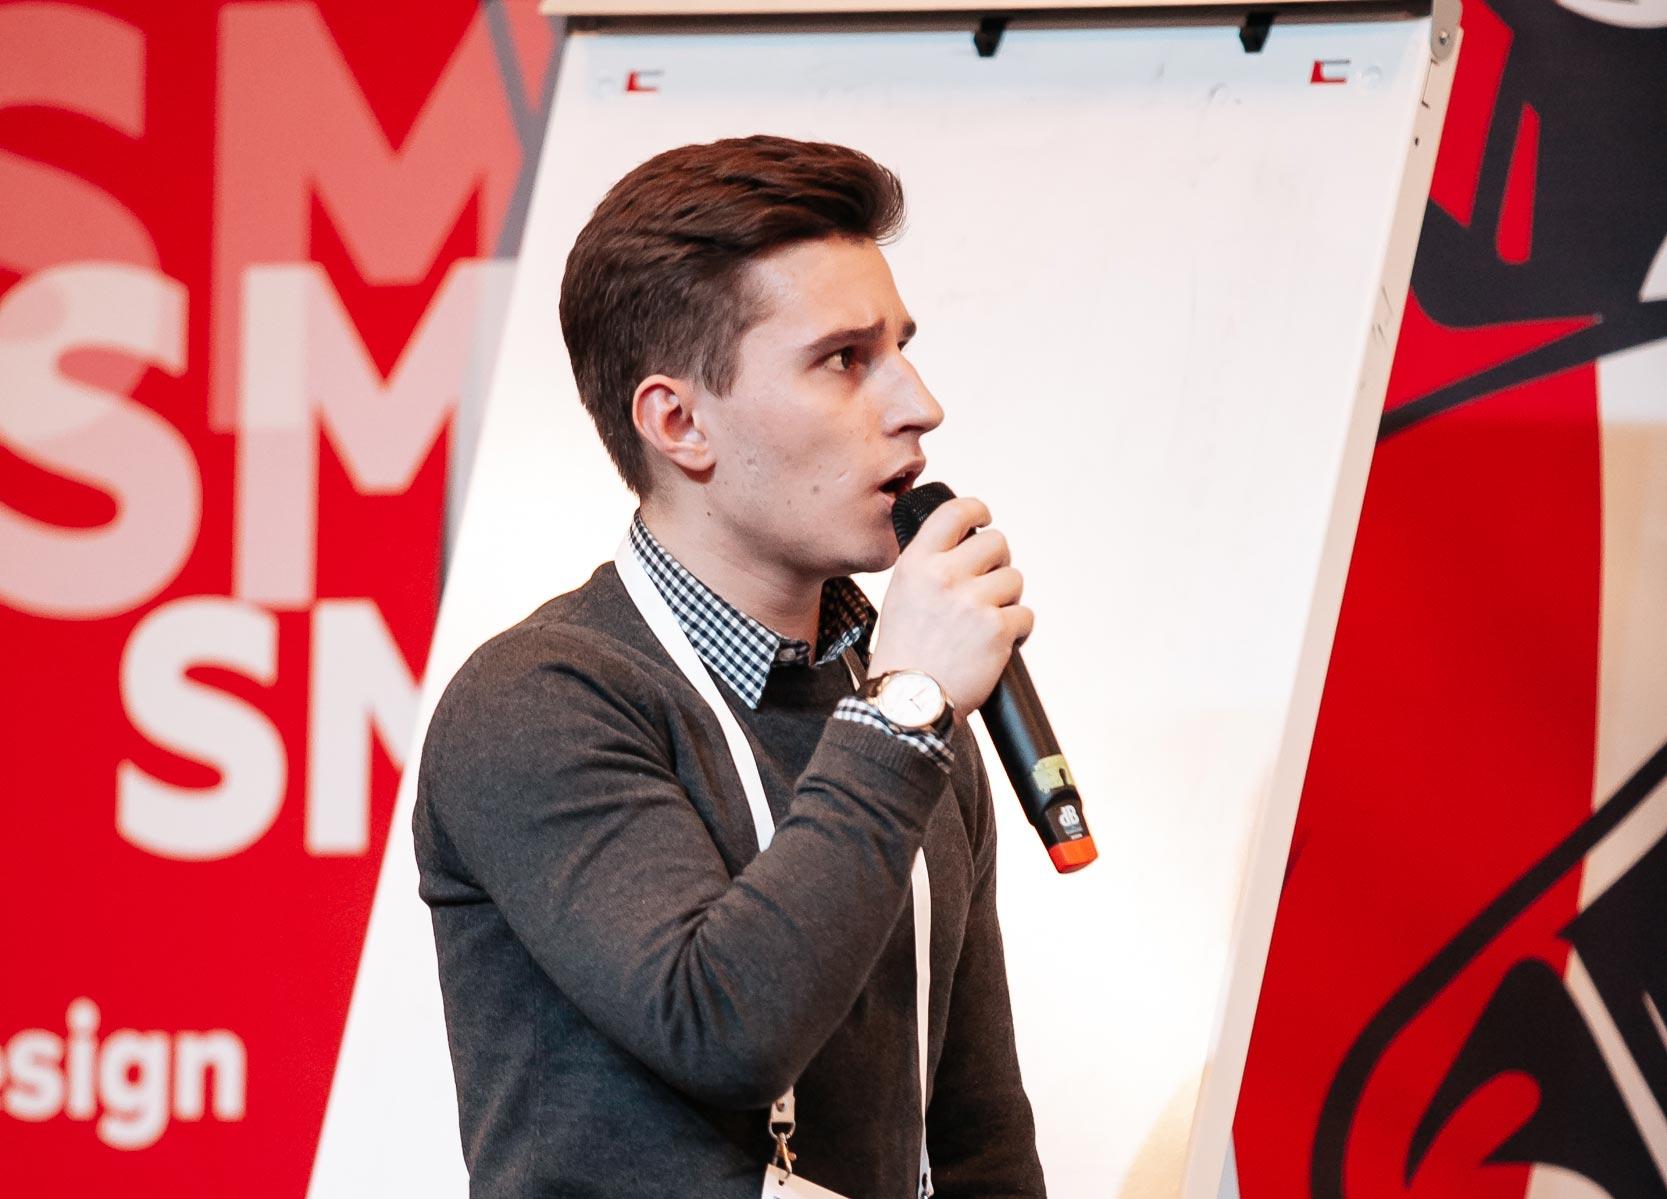 Александр Моисеев, частный консультант по маркетингу и бизнес-процессам